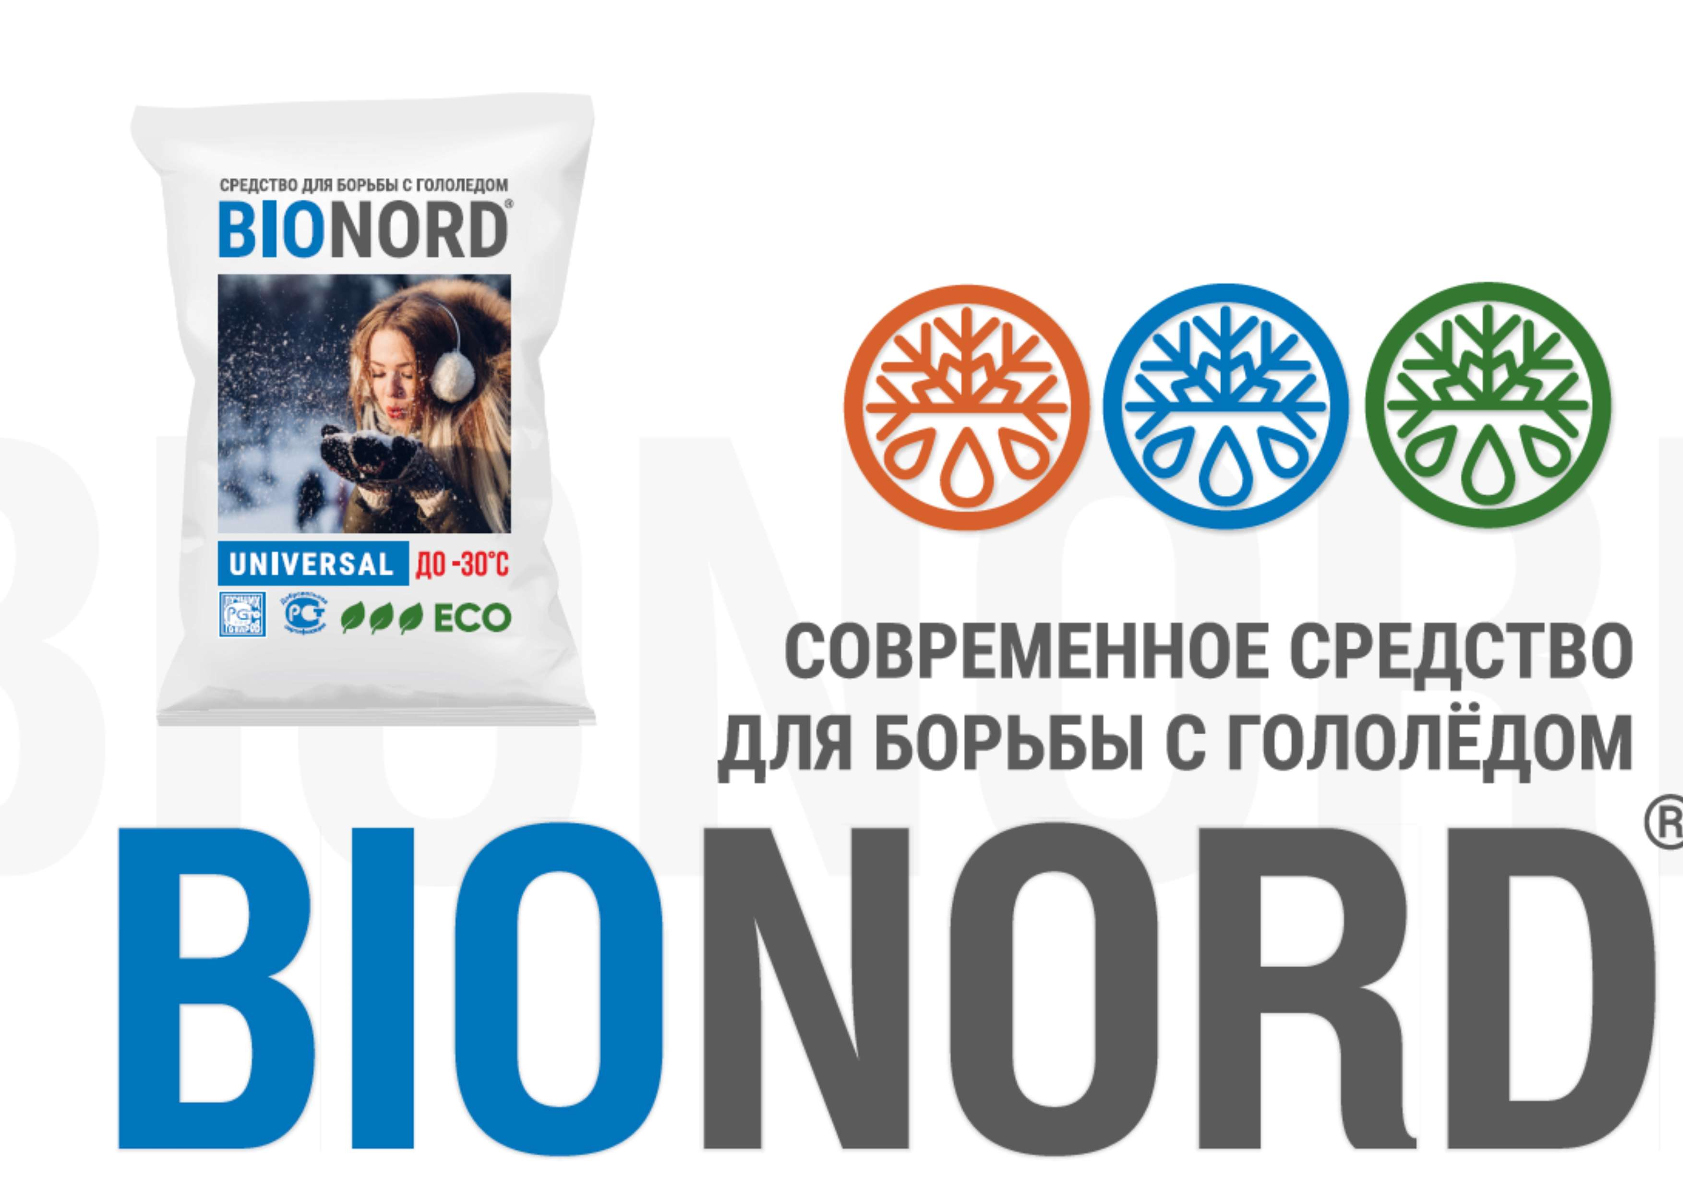 BIONORD - современное средство для борьбы с гололёдом